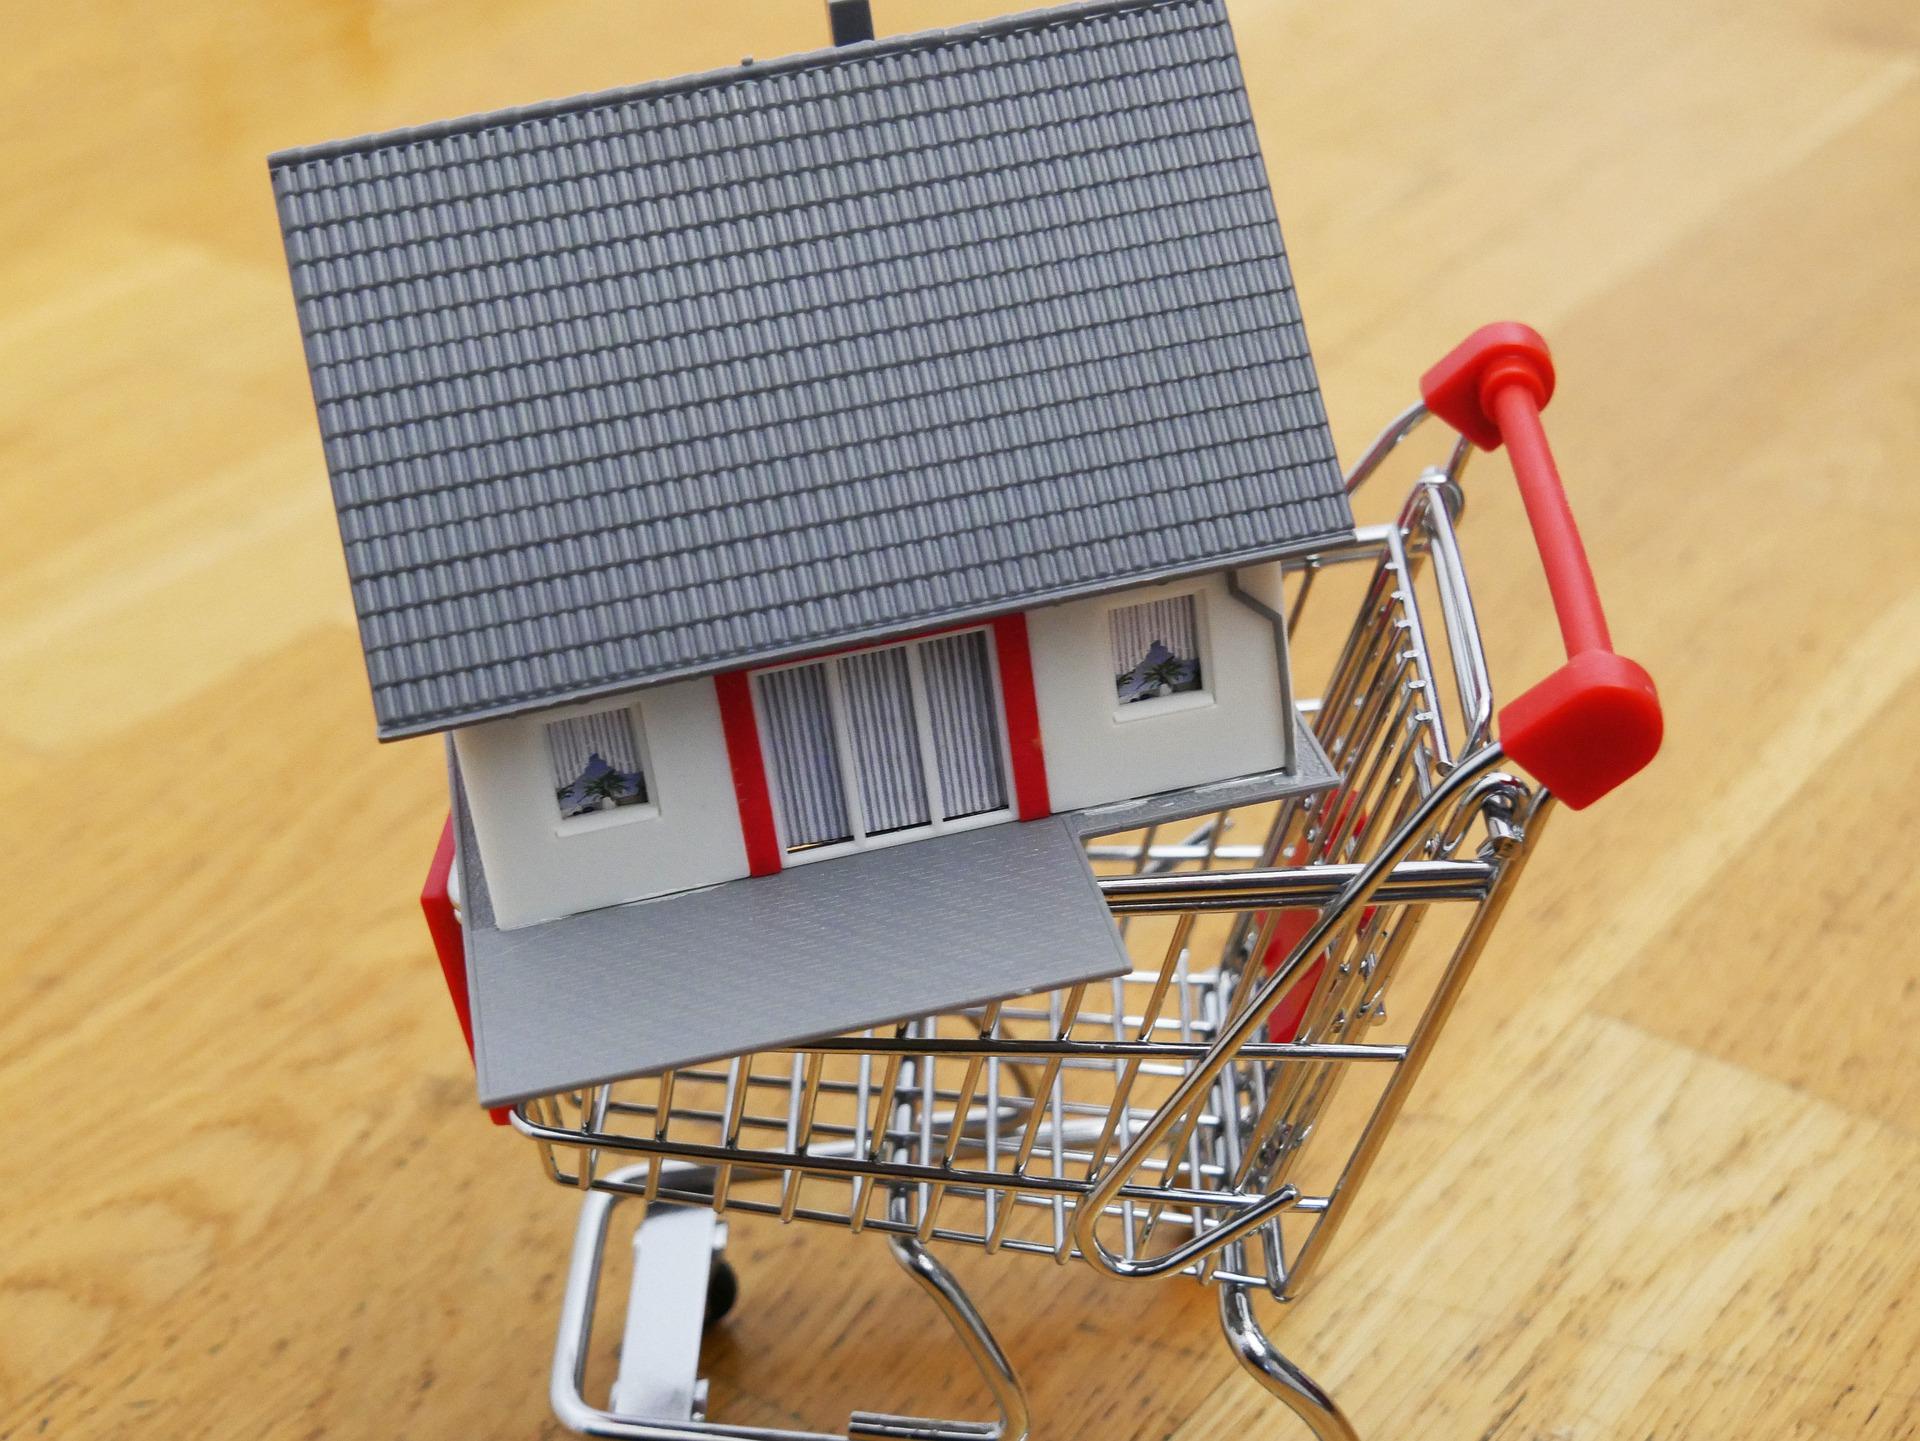 Investir pour un étranger dans l'immobilier au Québec